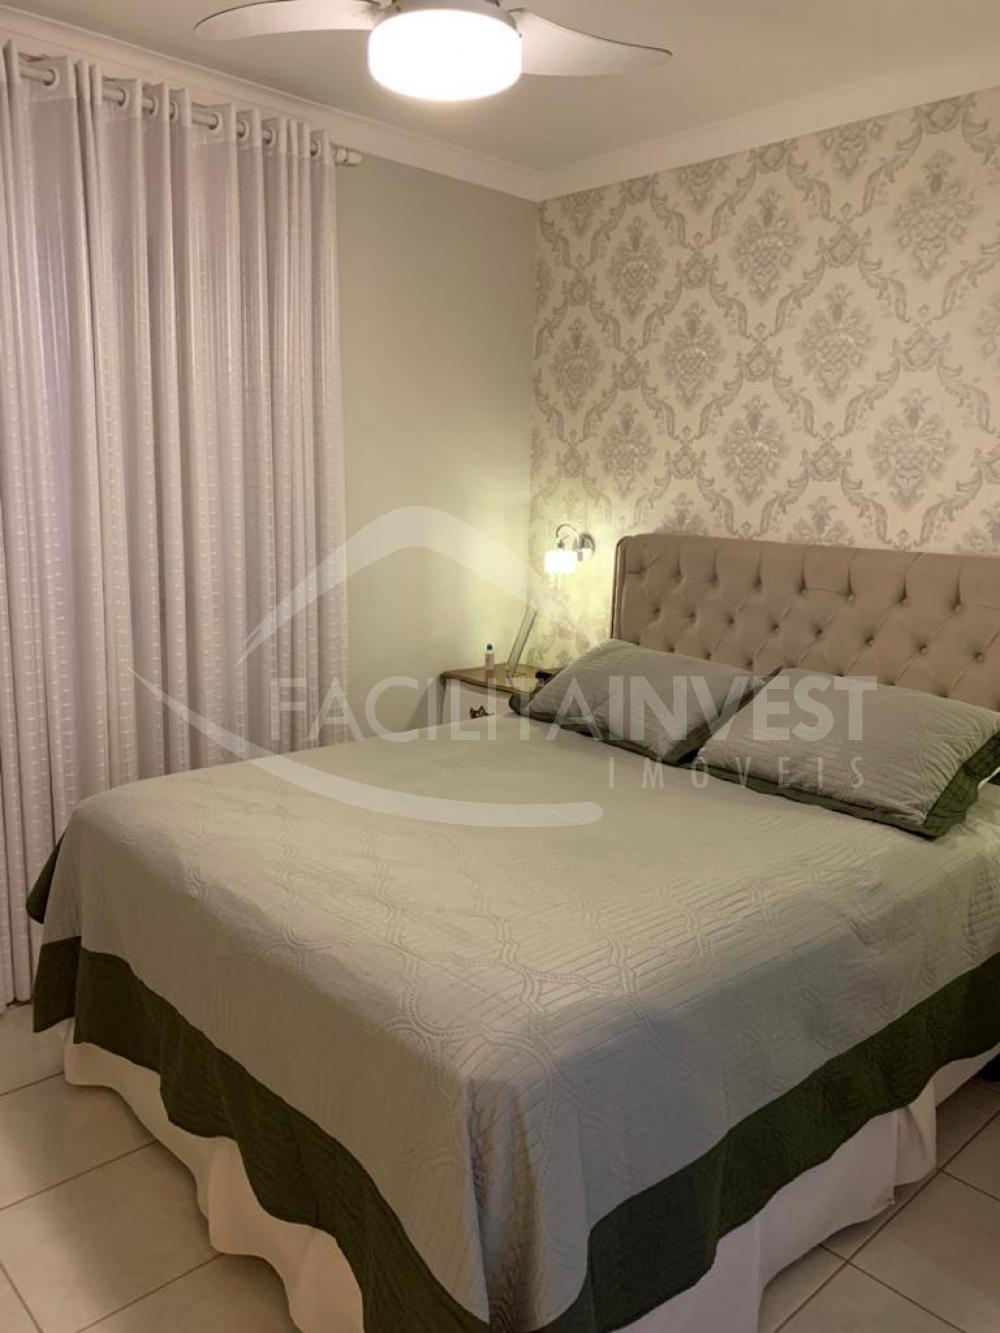 Comprar Apartamentos / Apart. Padrão em Ribeirão Preto apenas R$ 640.000,00 - Foto 17